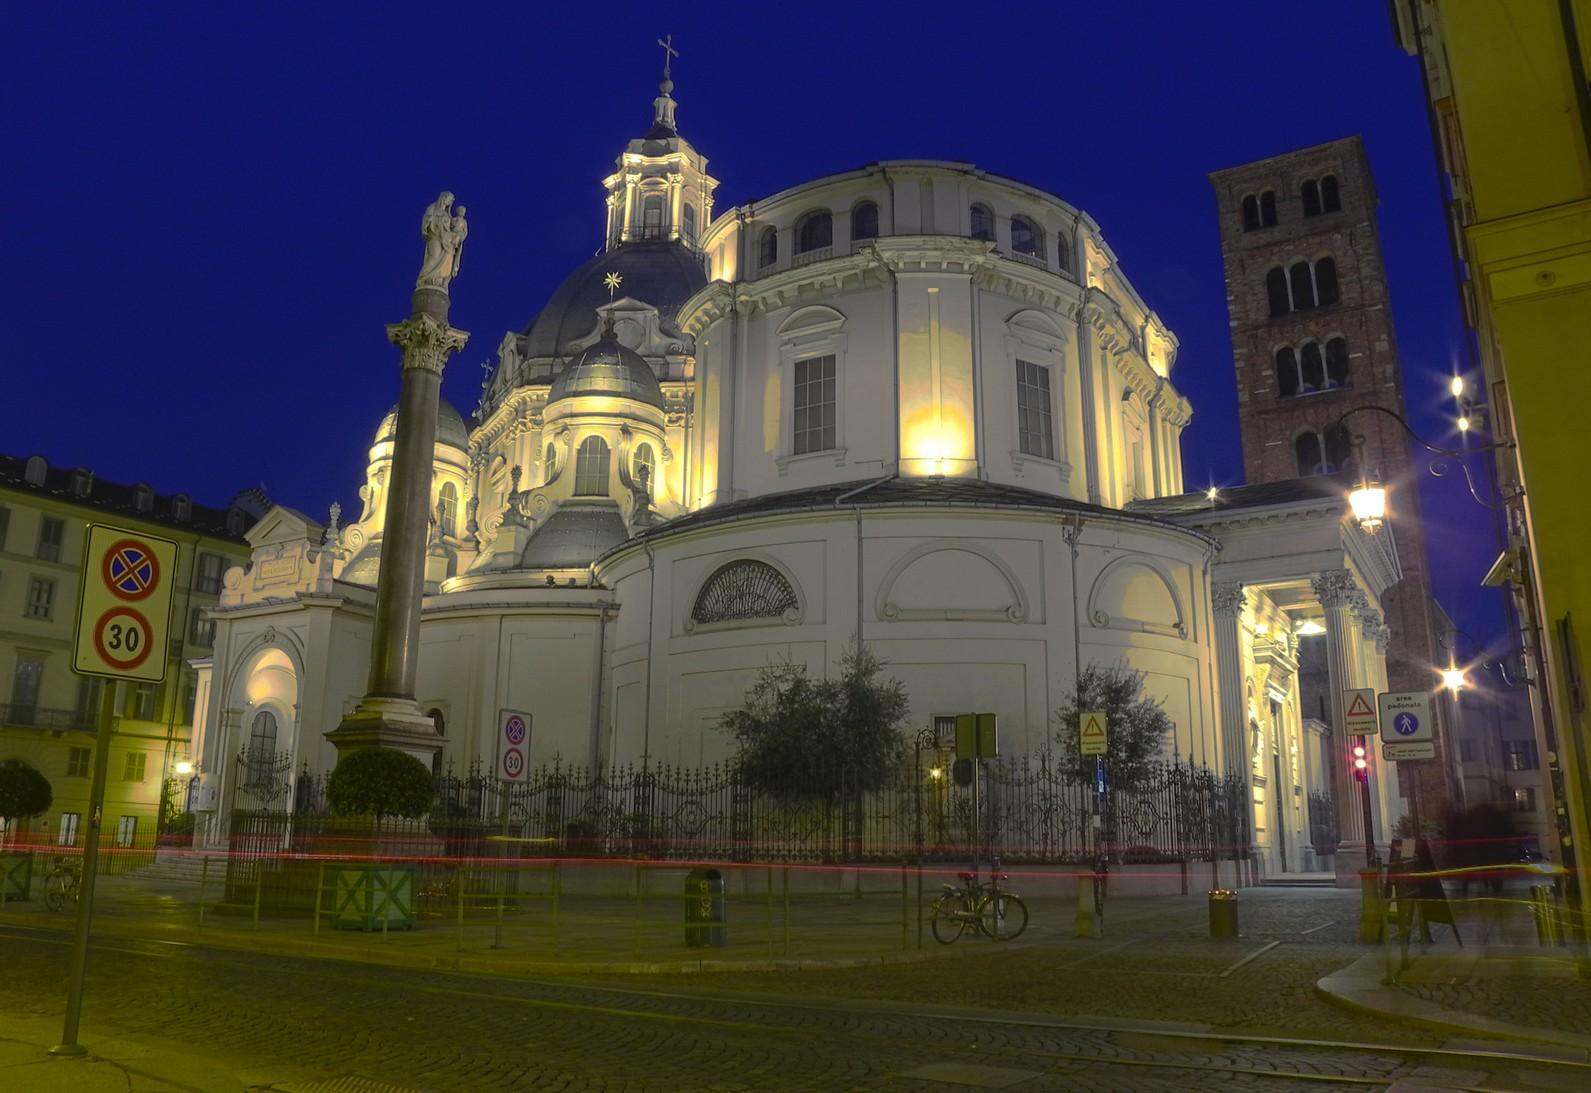 Imagen Milagrosa Pintada por San Lucas: Nuestra Señora de la Consolata, Italia (20 de junio)